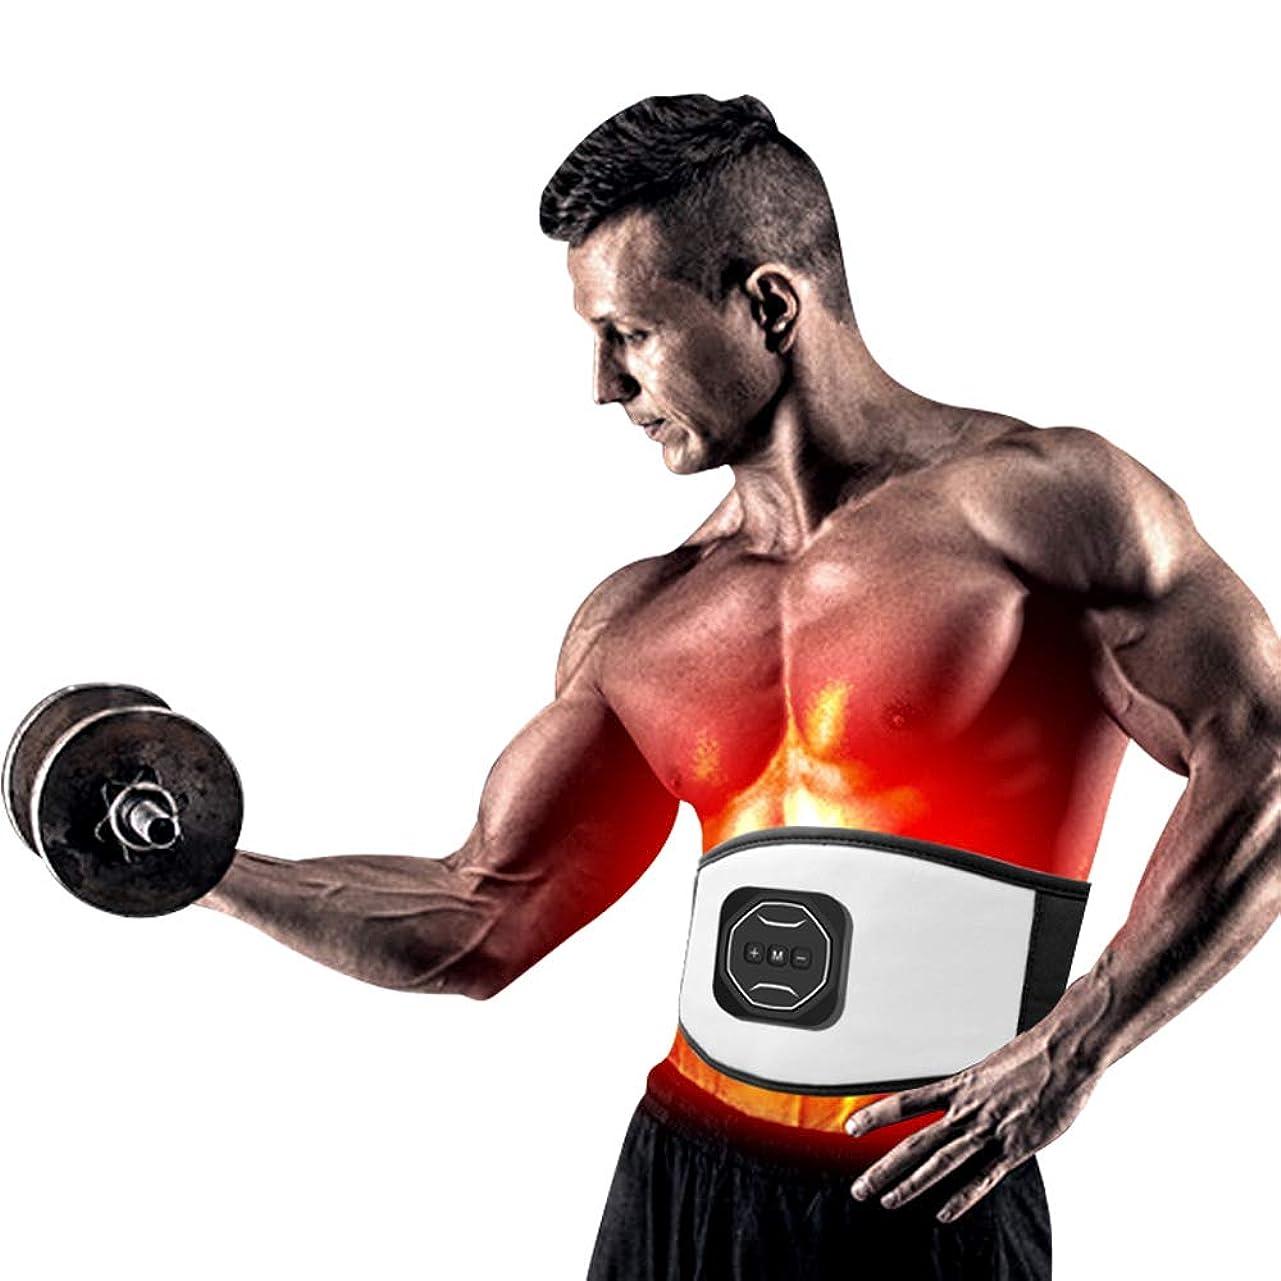 失う少ない荒れ地腹筋トレーニング刺激装置ワイヤレスEMSベルトプロボディスリミングマッサージャーホームフィットネス